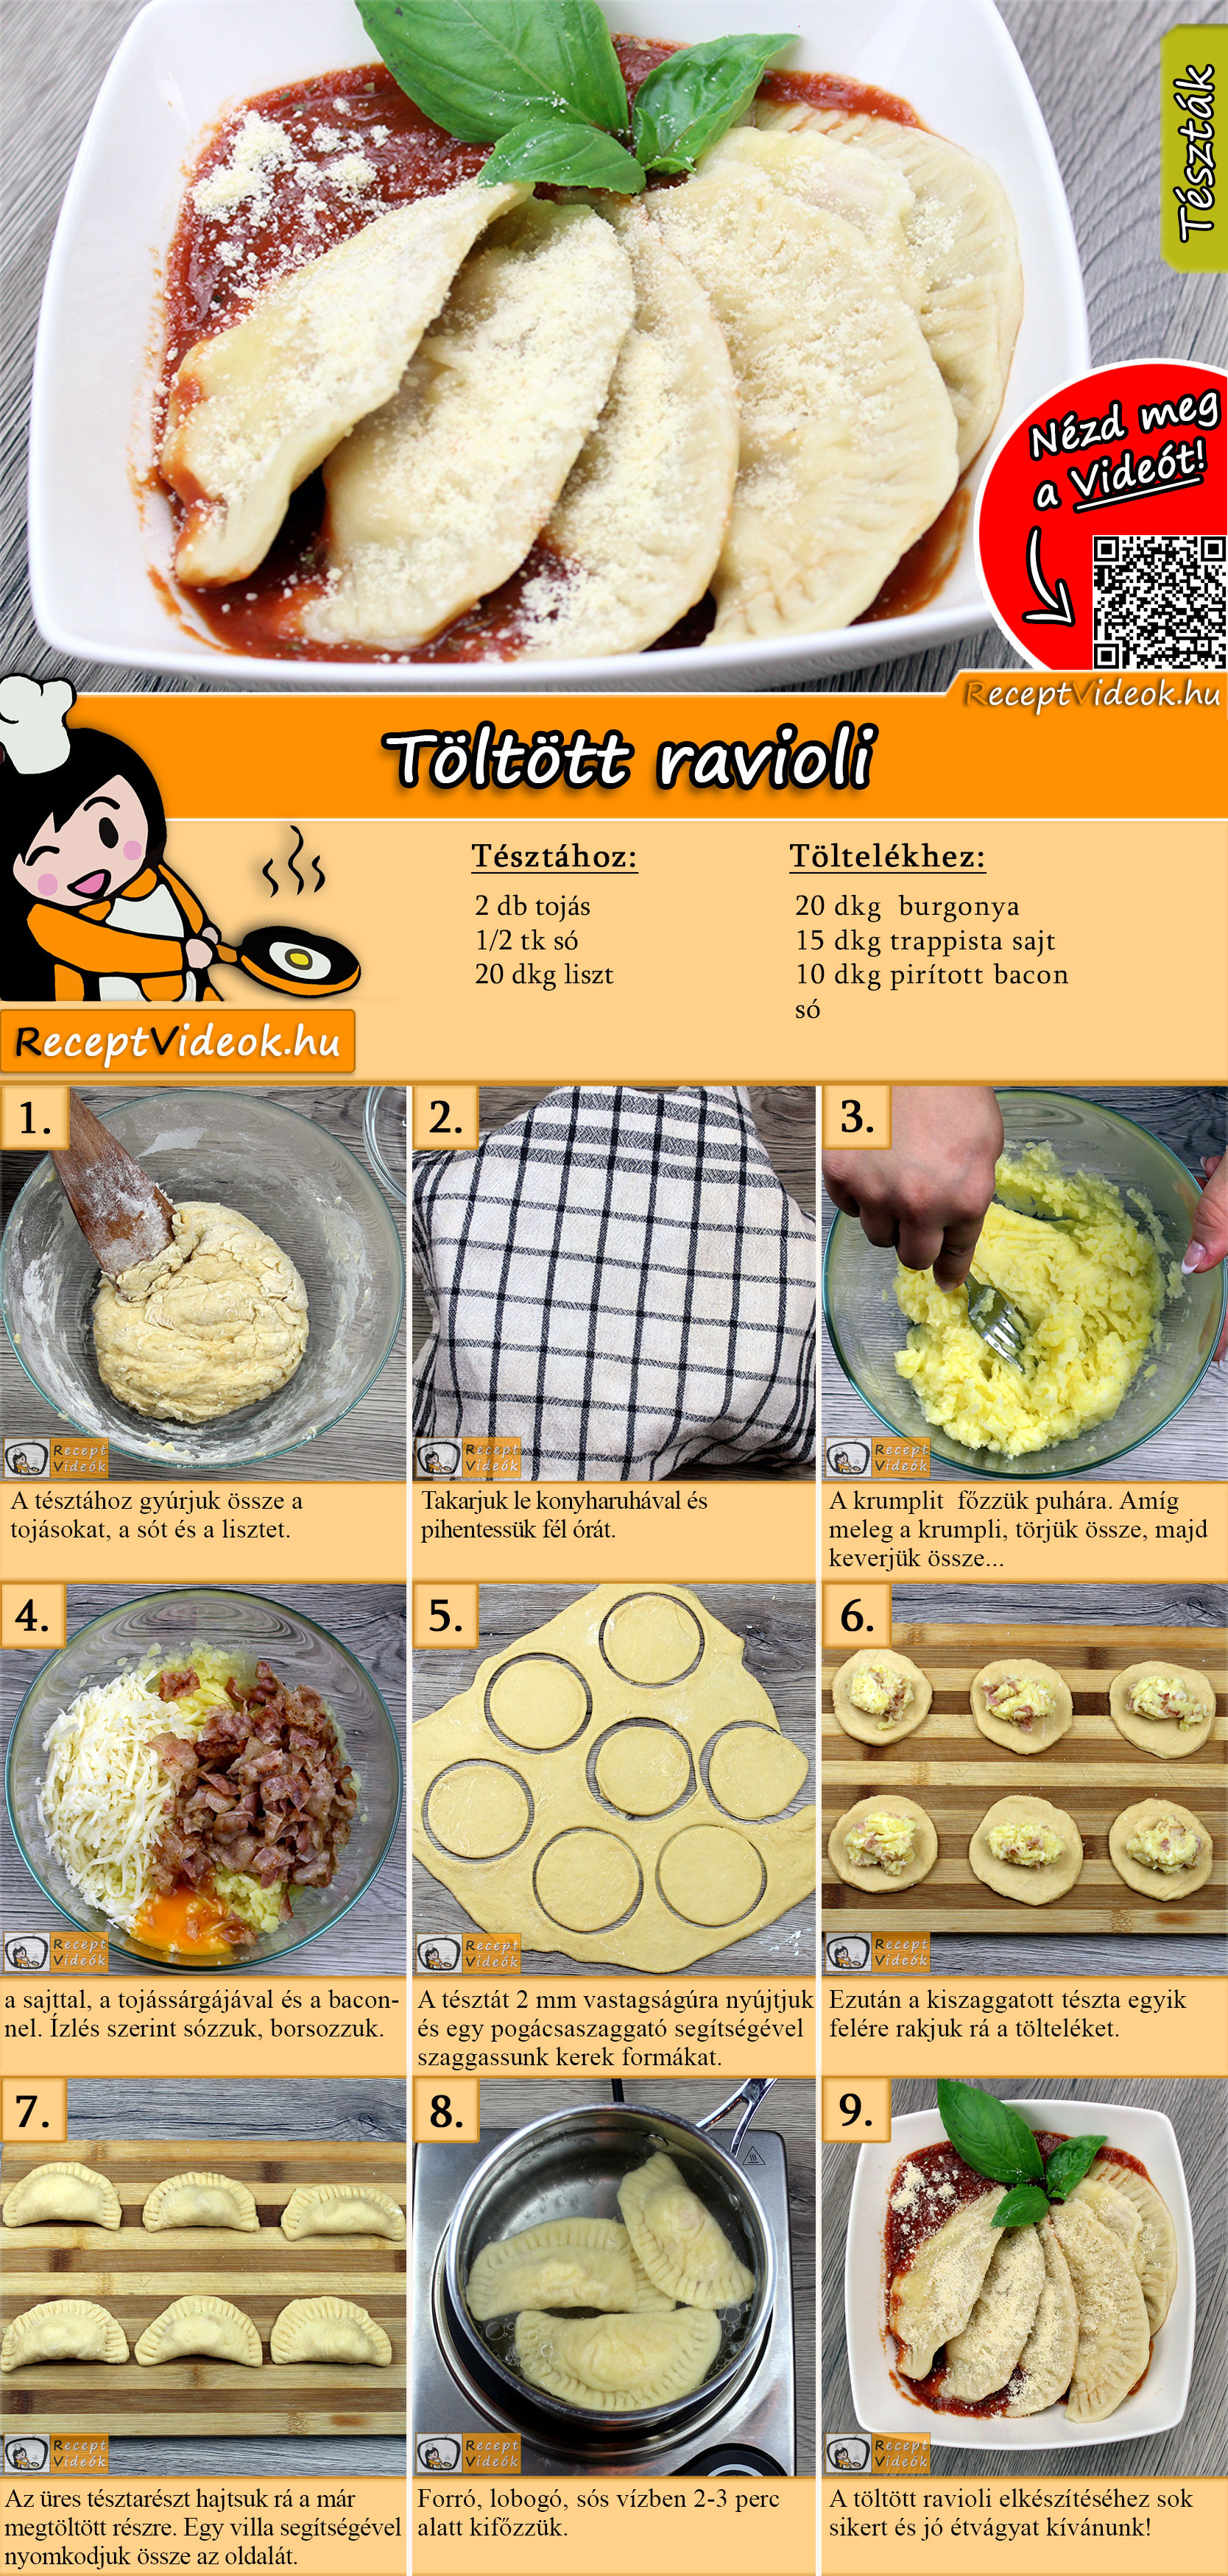 Töltött ravioli recept elkészítése videóval